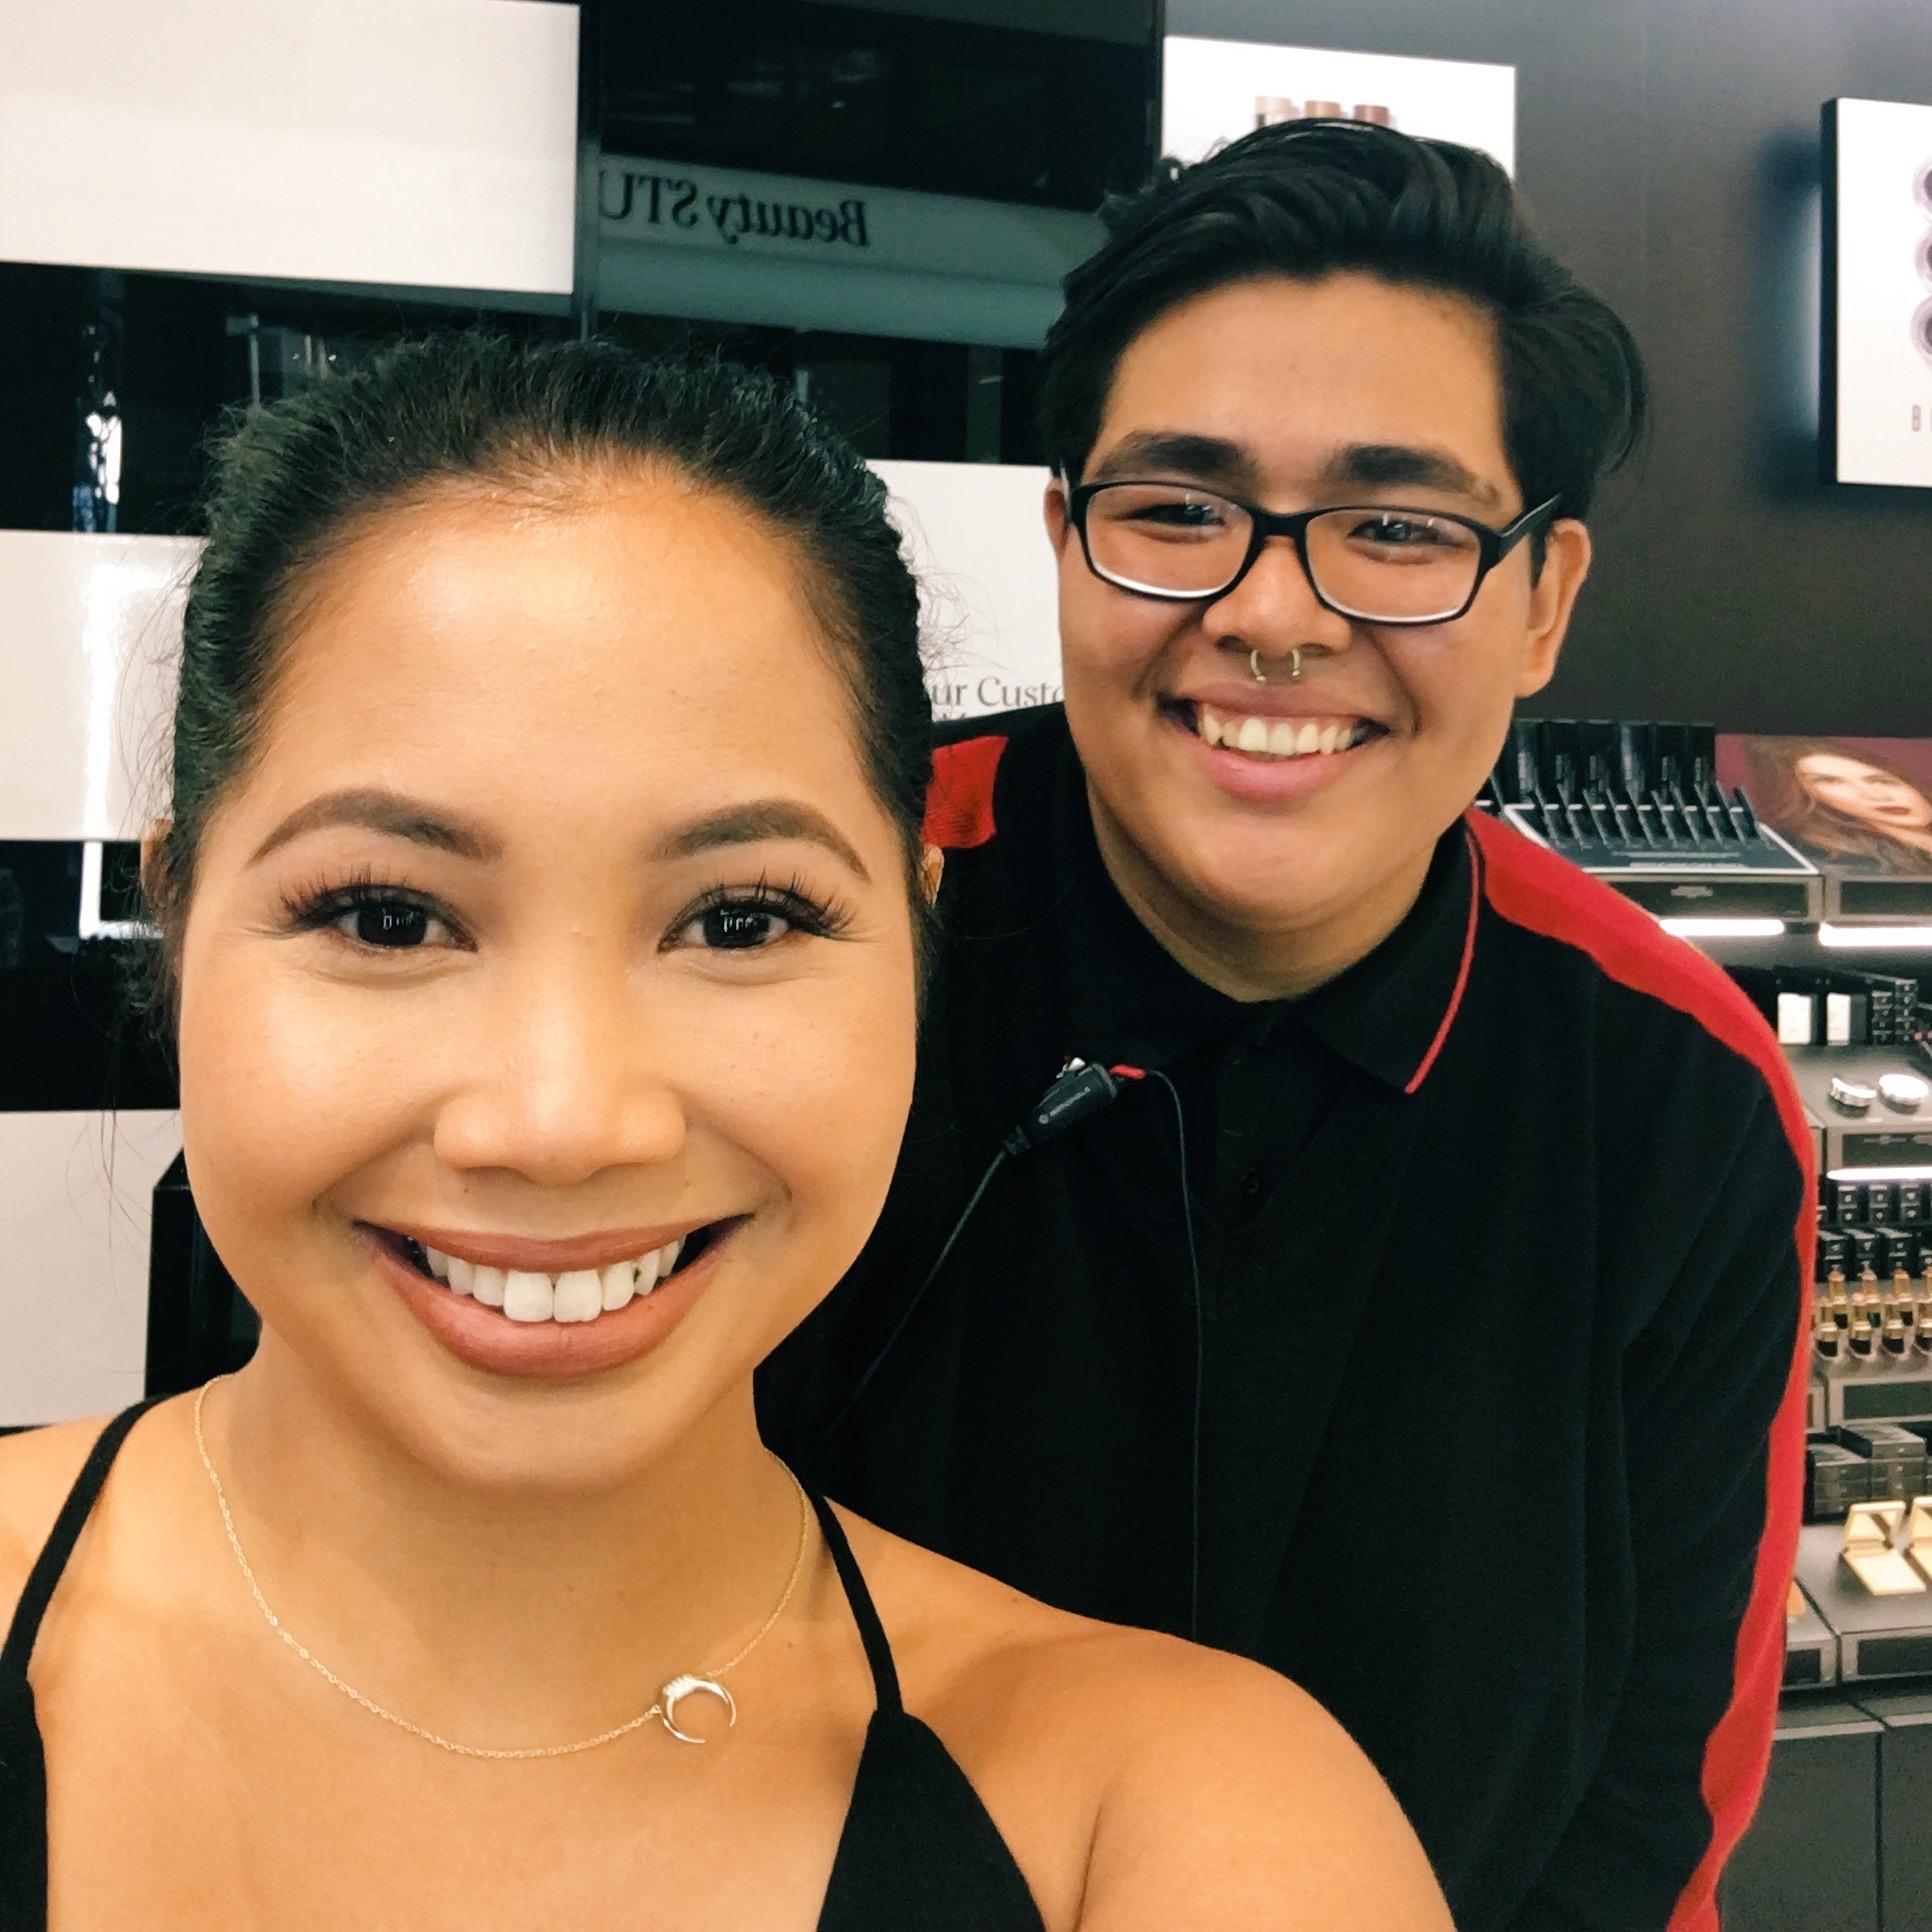 Paul & I at Sephora (P